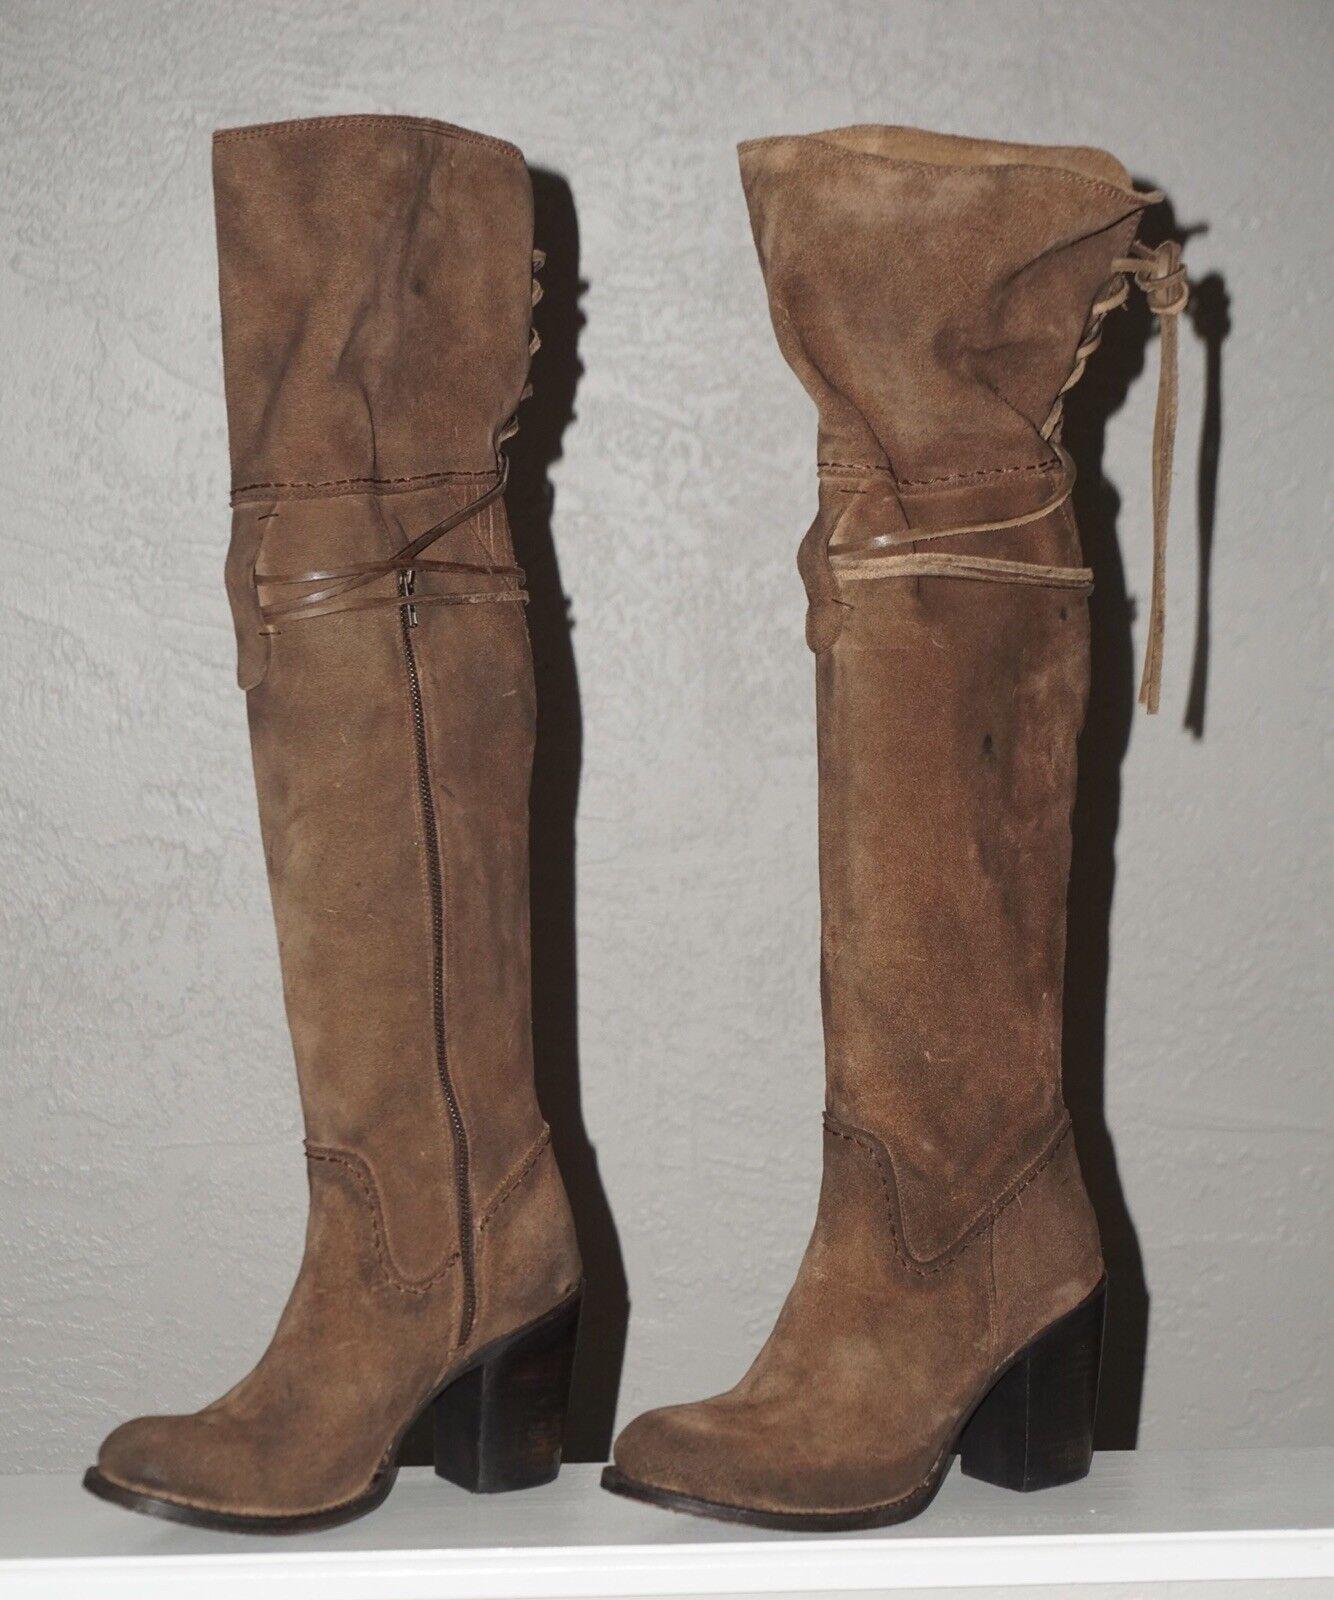 Carbón Freebird Encaje botas de de de montar sobre la rodilla botas boho Marrón Cuero Gamuza 9  barato en línea